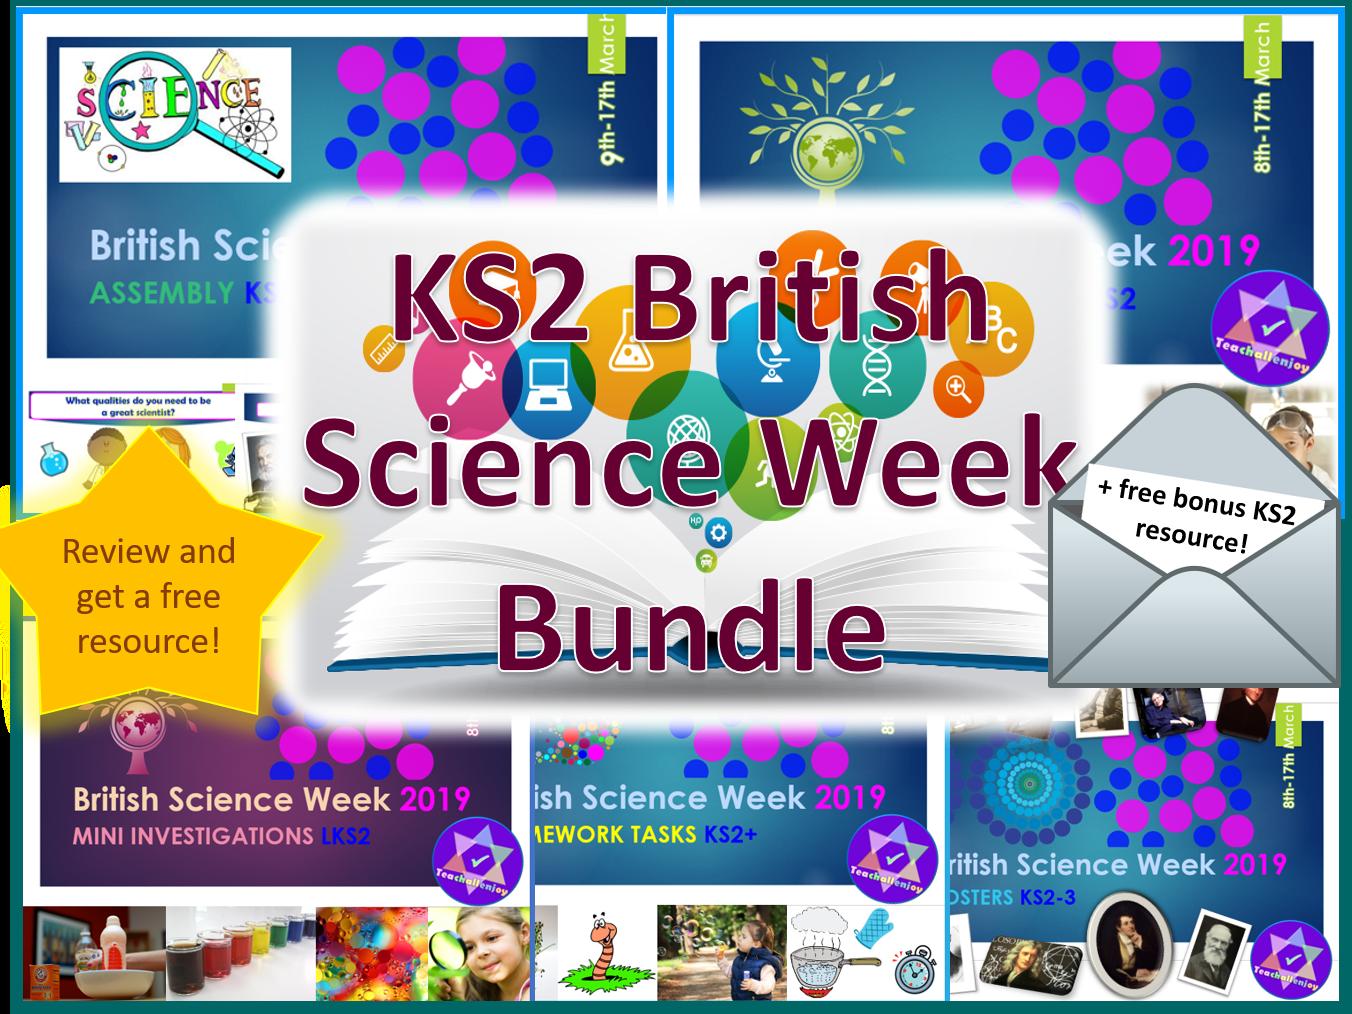 British Science Week KS2 Bundle